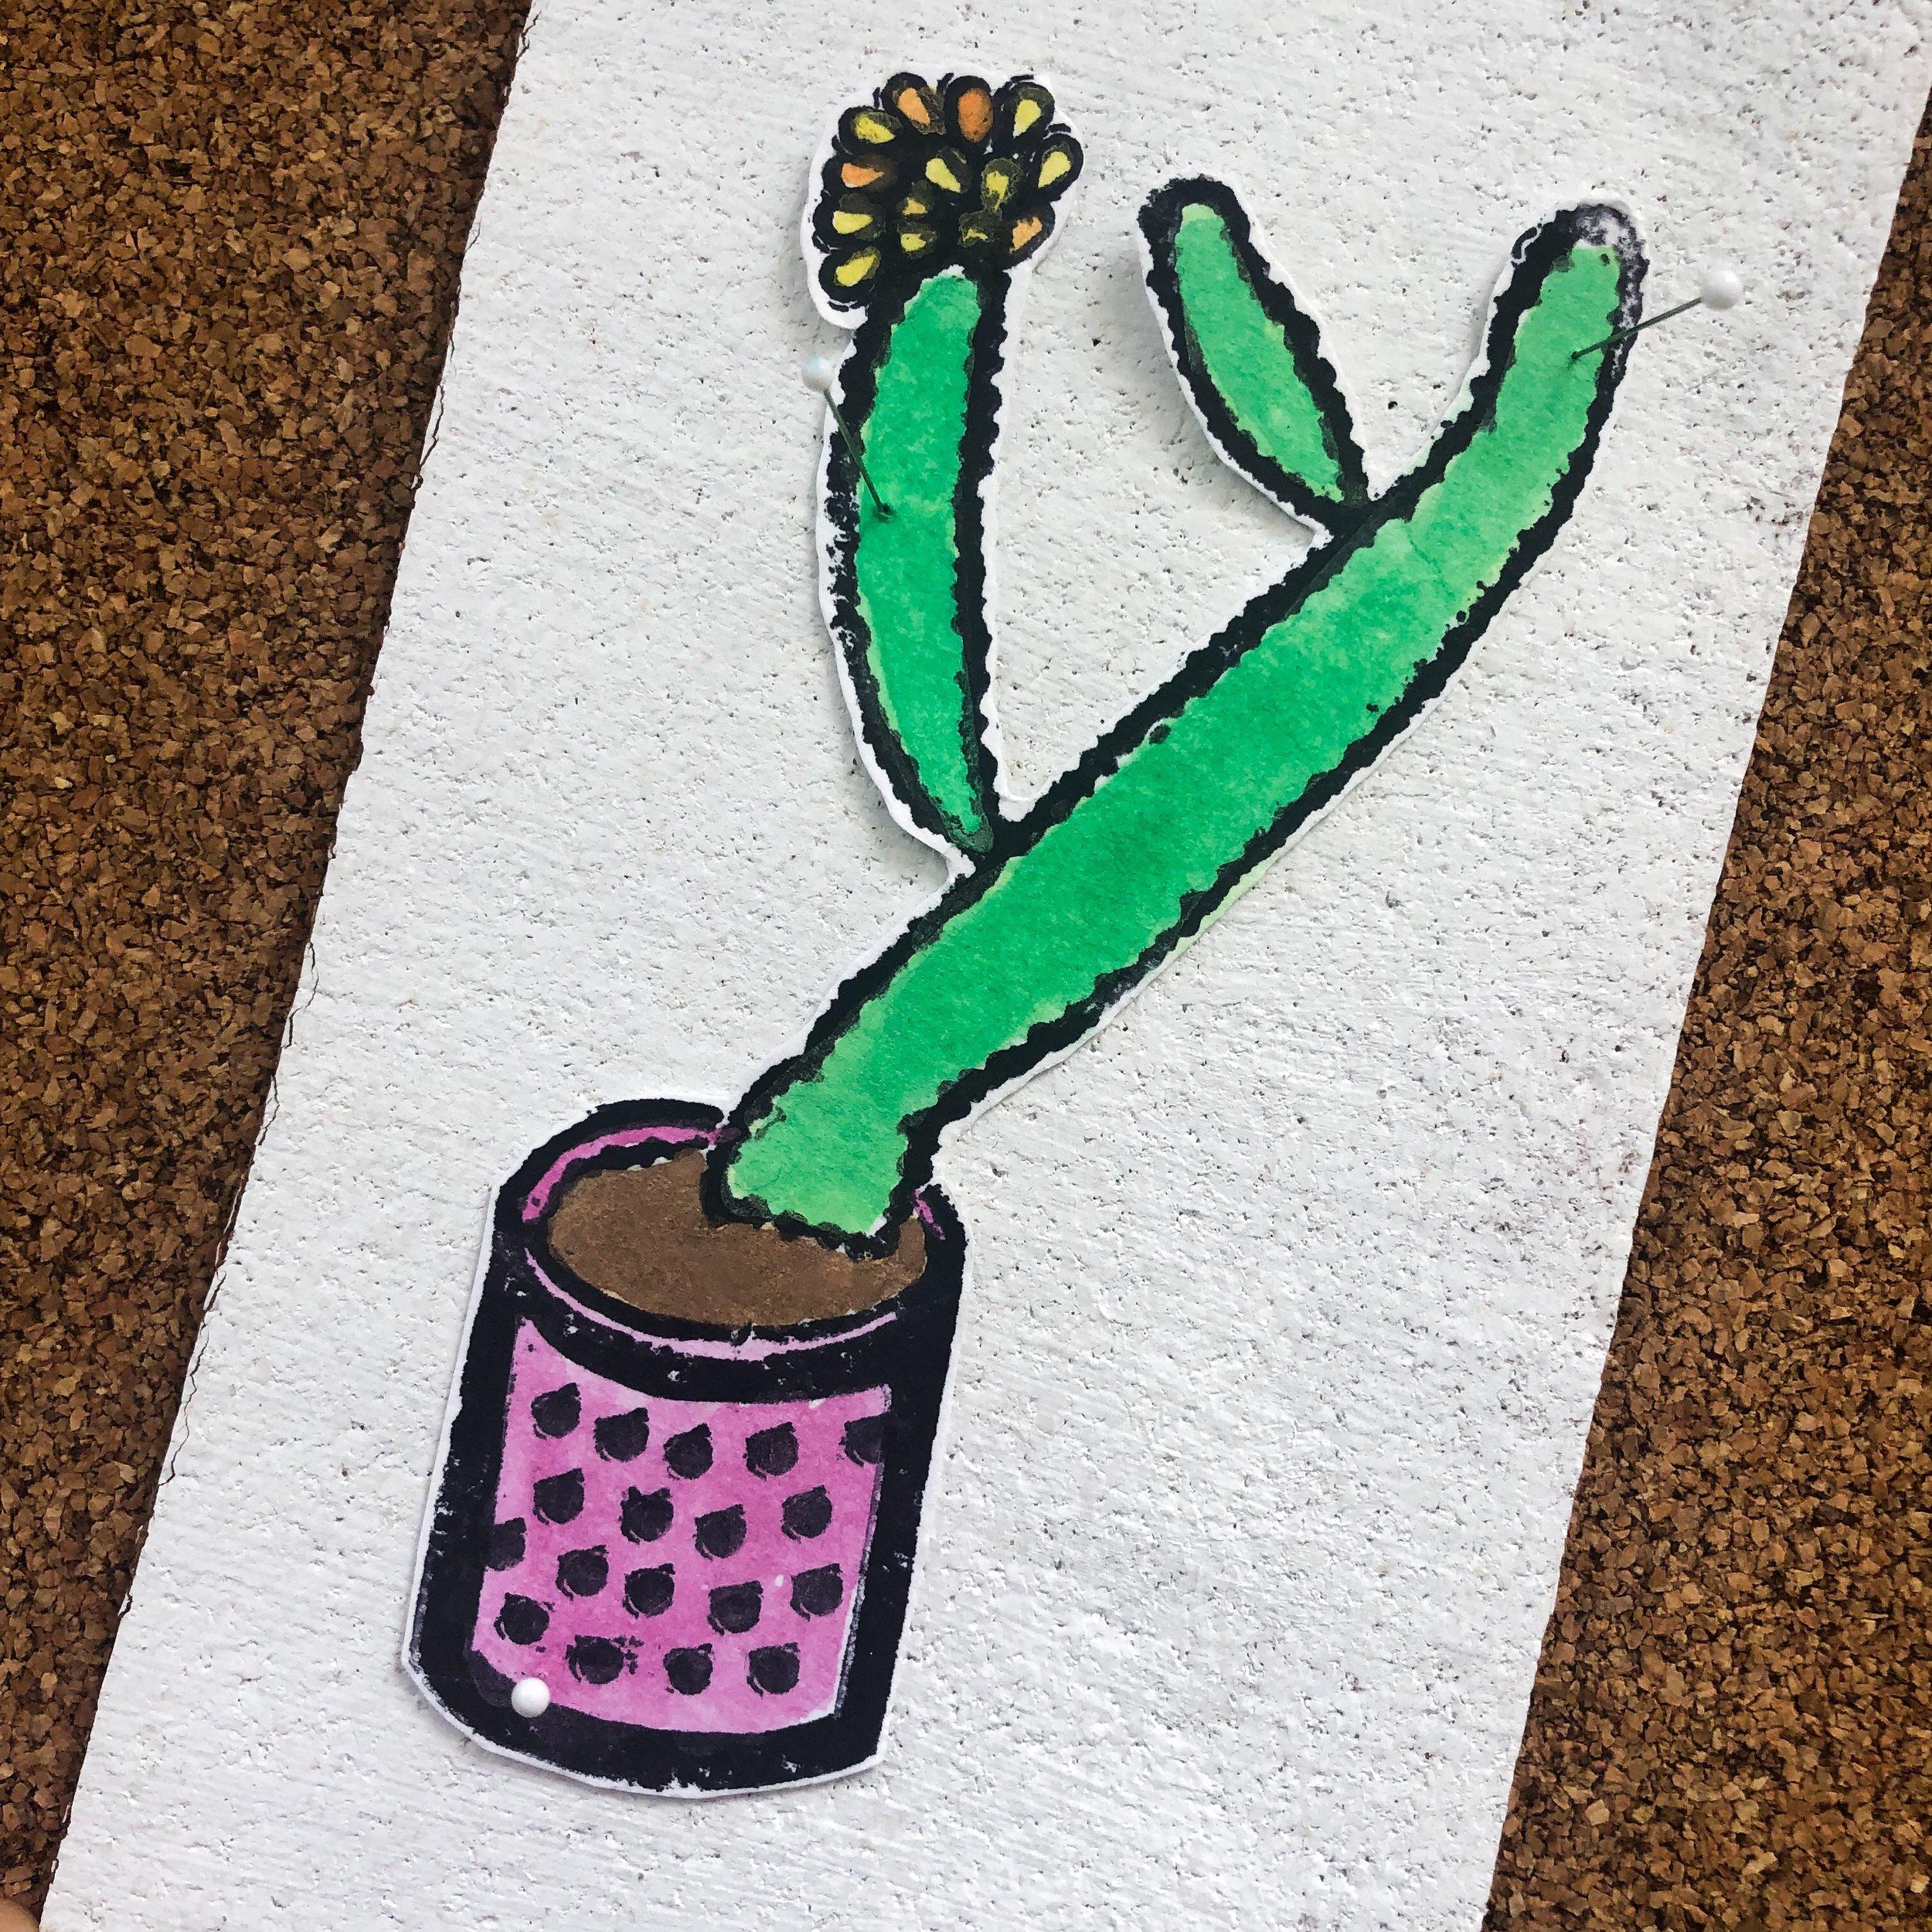 jordan_kushins_cactus_stamp2.JPEG